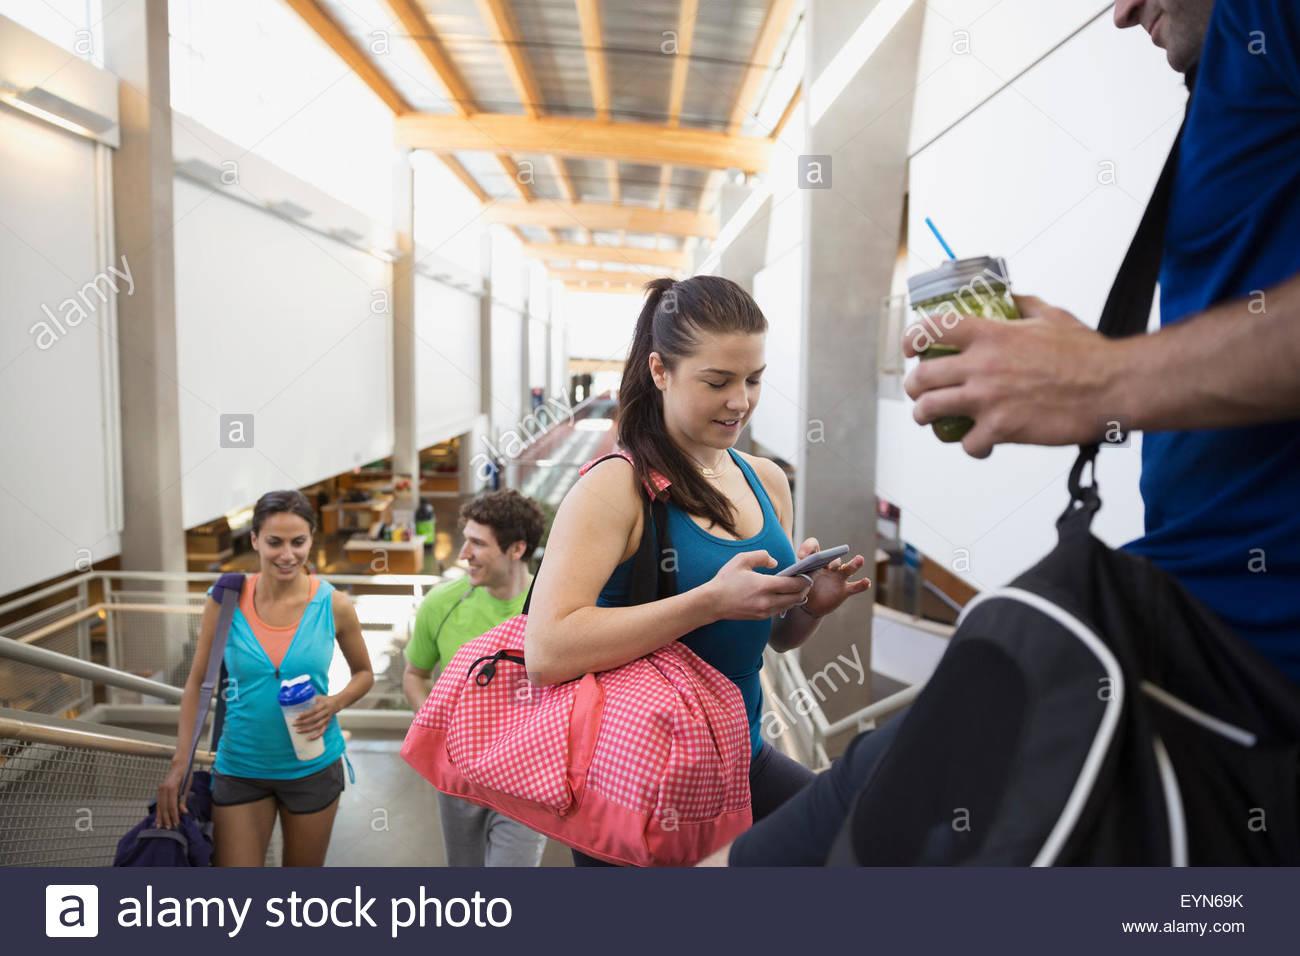 Freunde sprechen und mit Handy in Turnhalle Stockbild